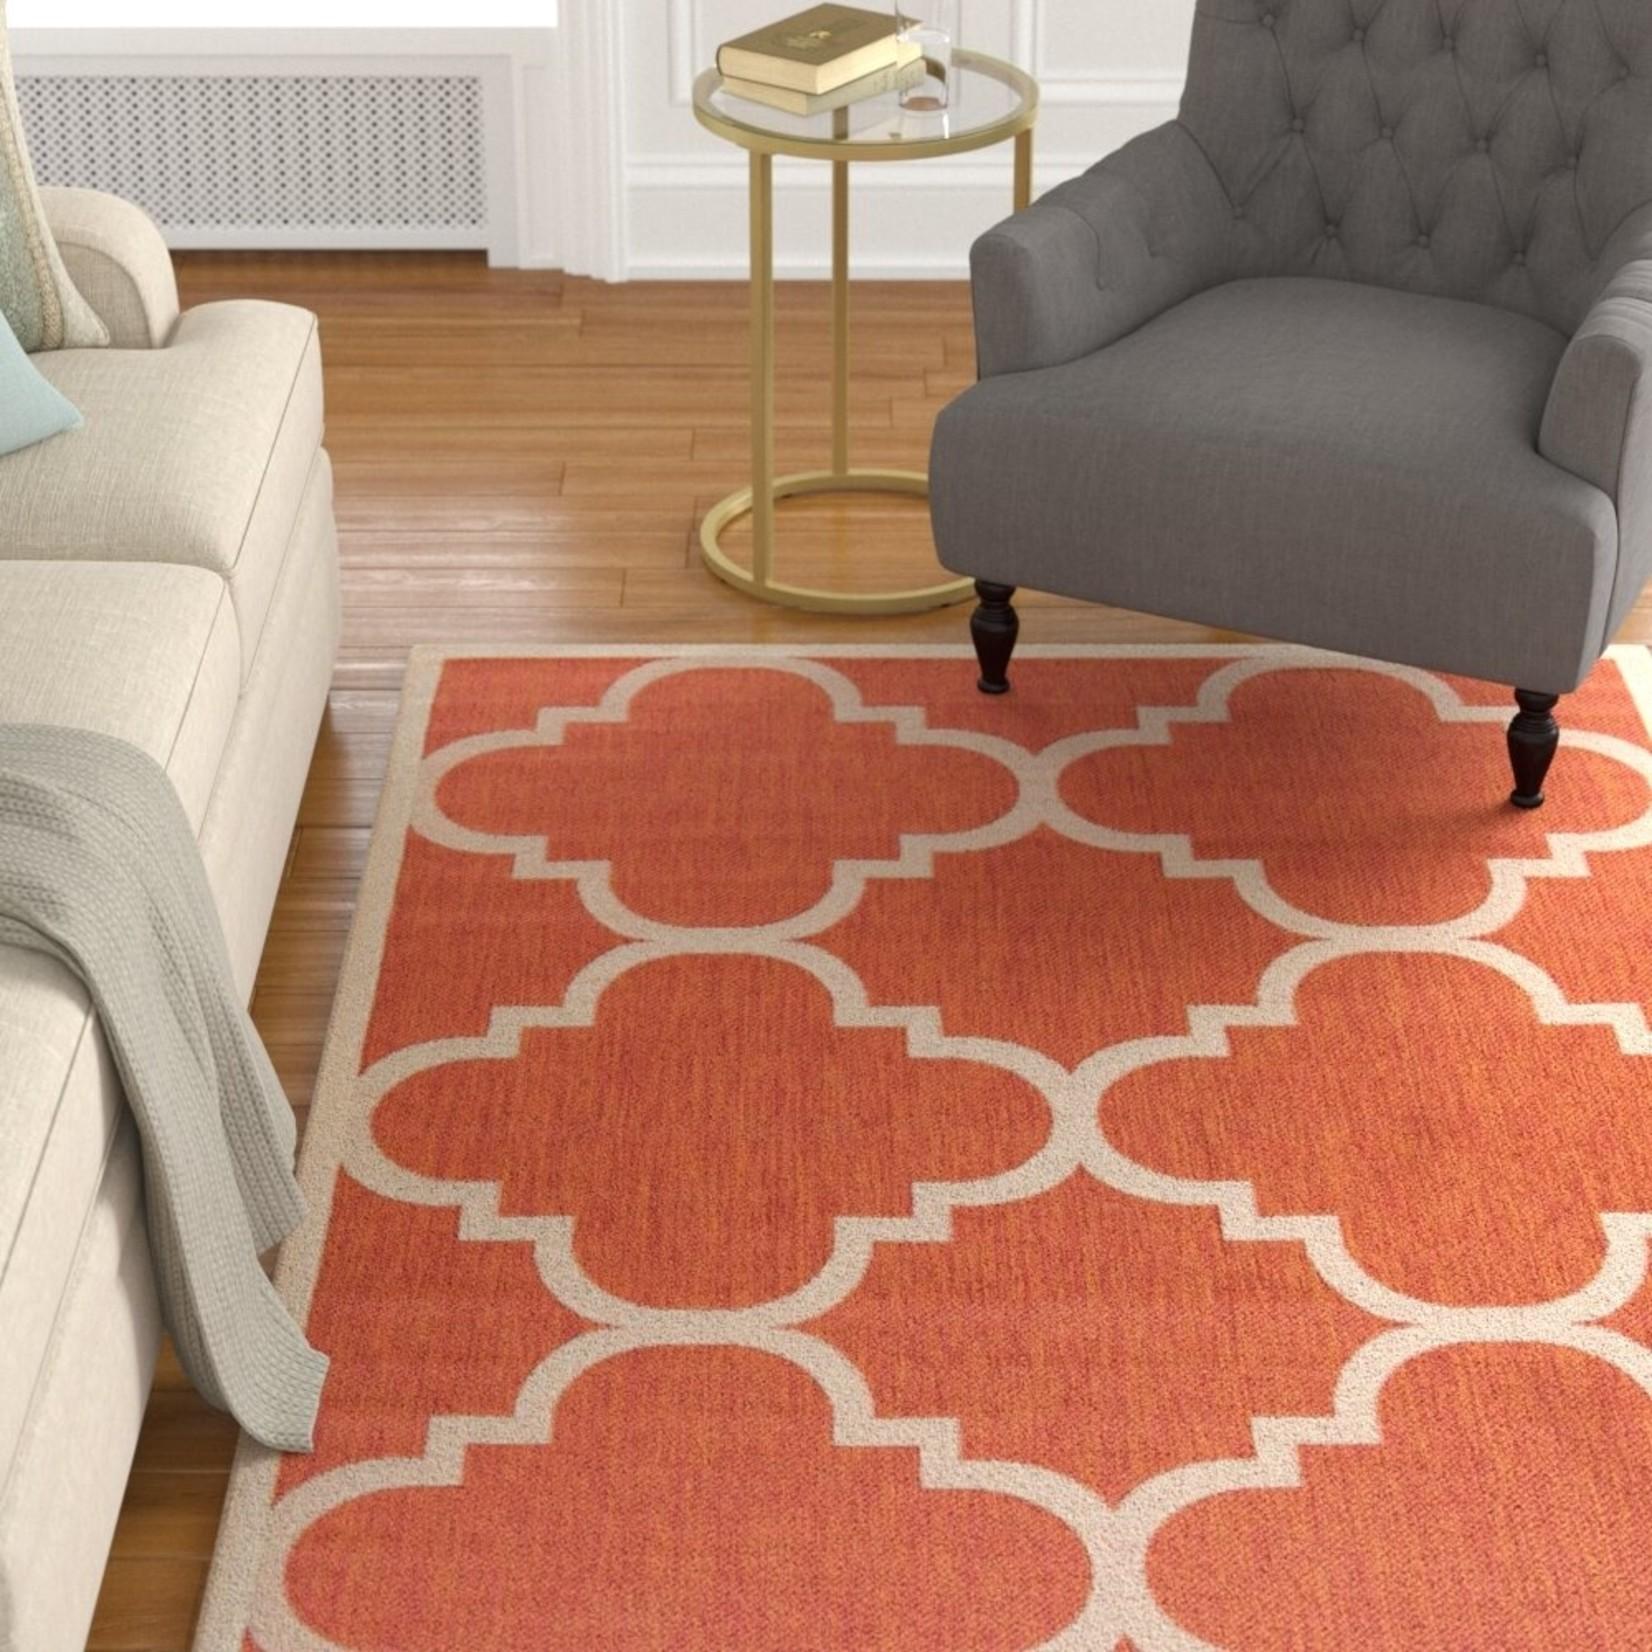 *9x12 - Herefordshire Terracotta Indoor/Outdoor Rug